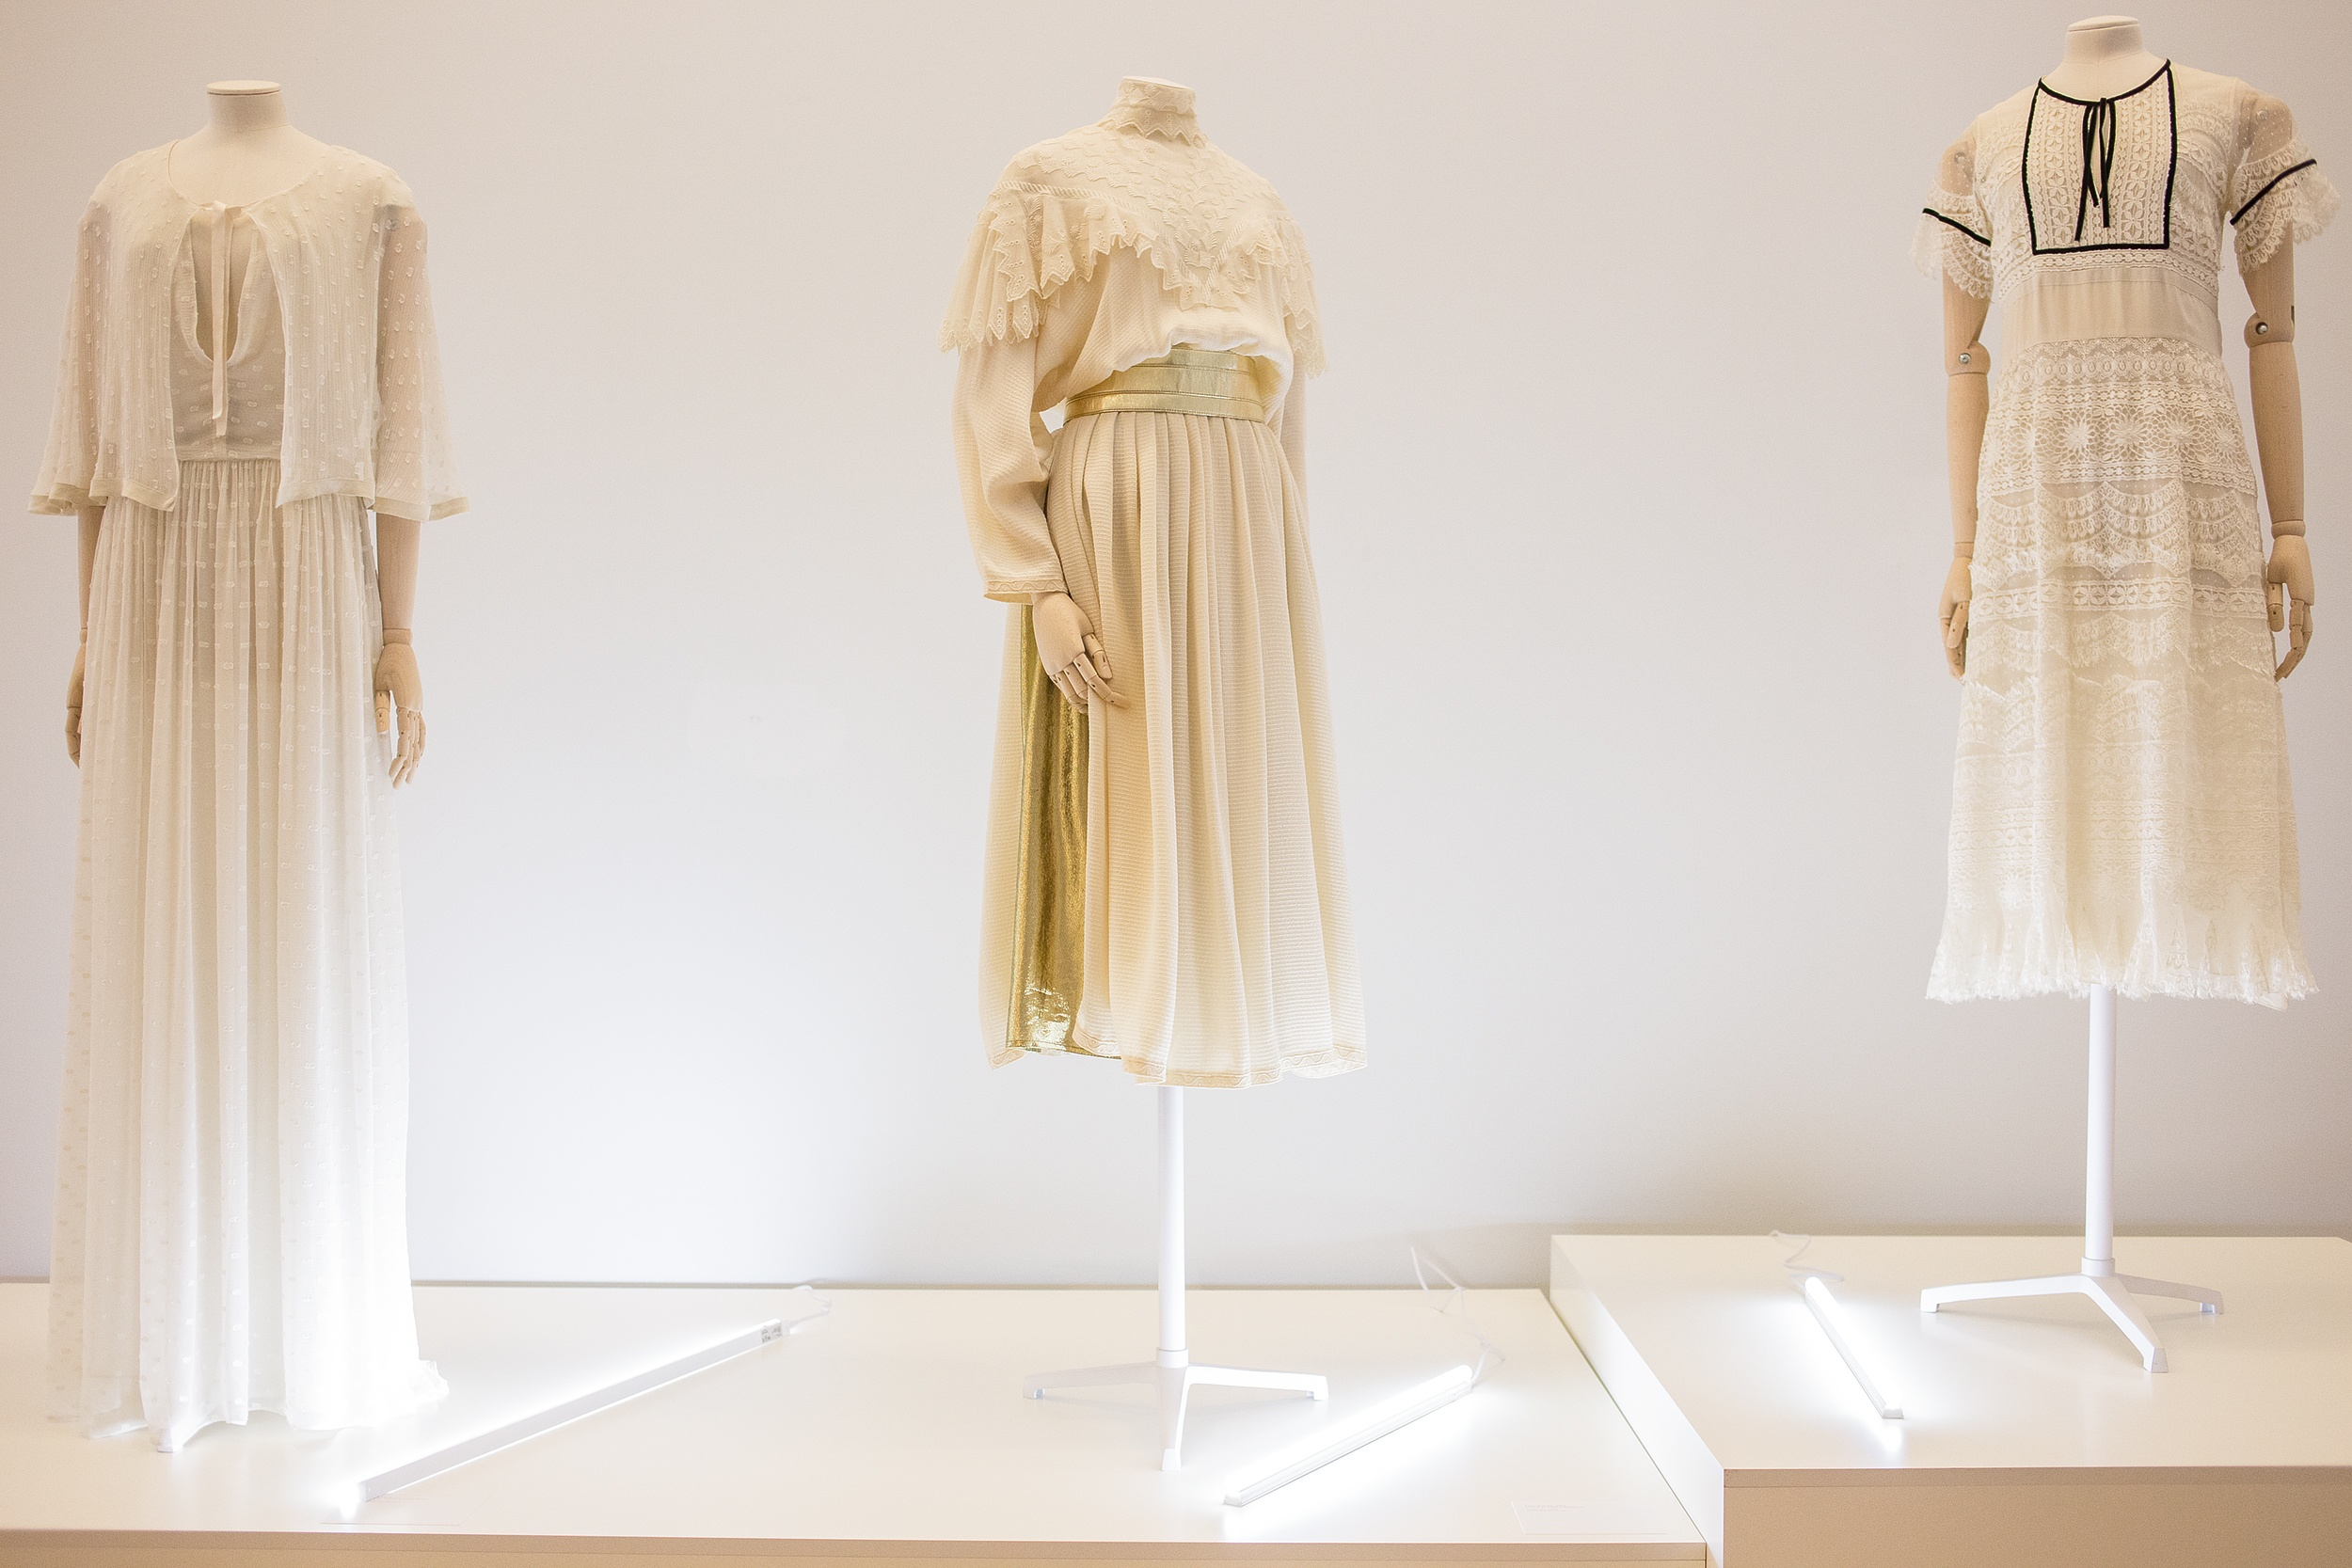 696732fbfd6231bac5df185fae52e8ce - В Киеве проходит выставка Chloe Couture: почему вам стоит ее посетить